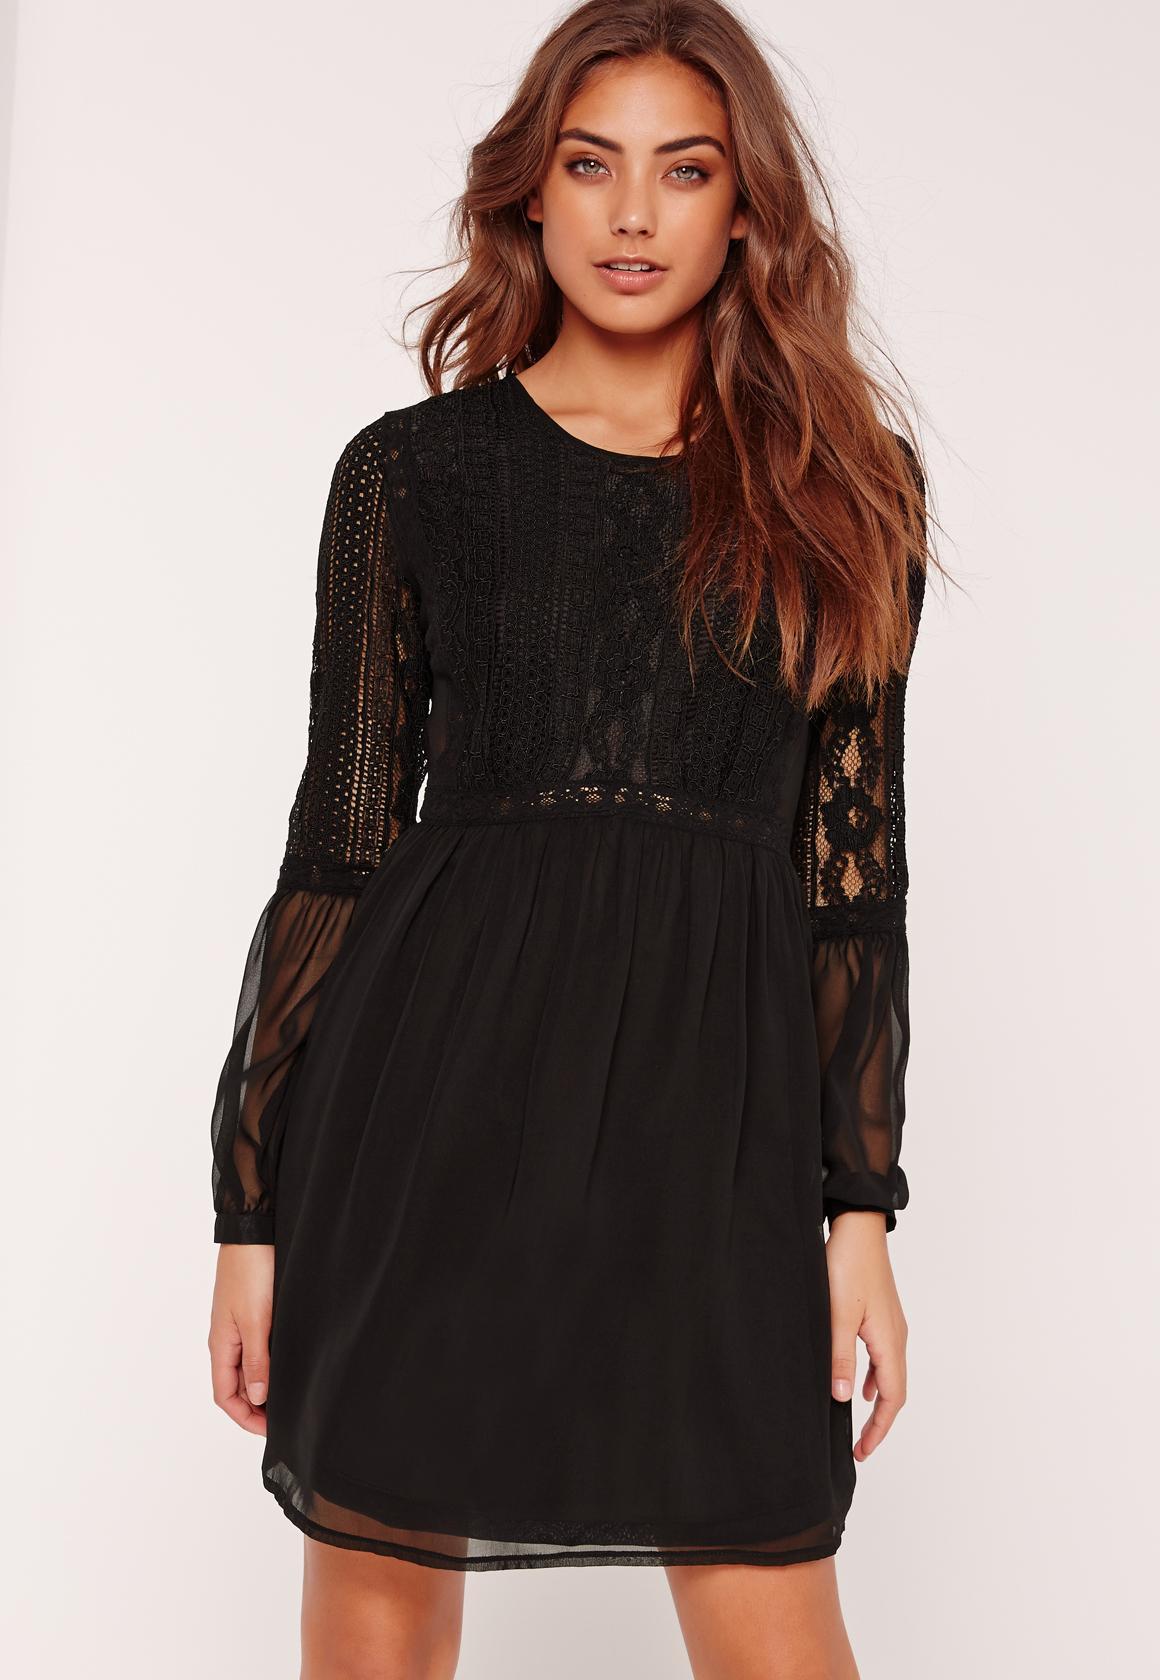 Lace Insert Skater Dress Black